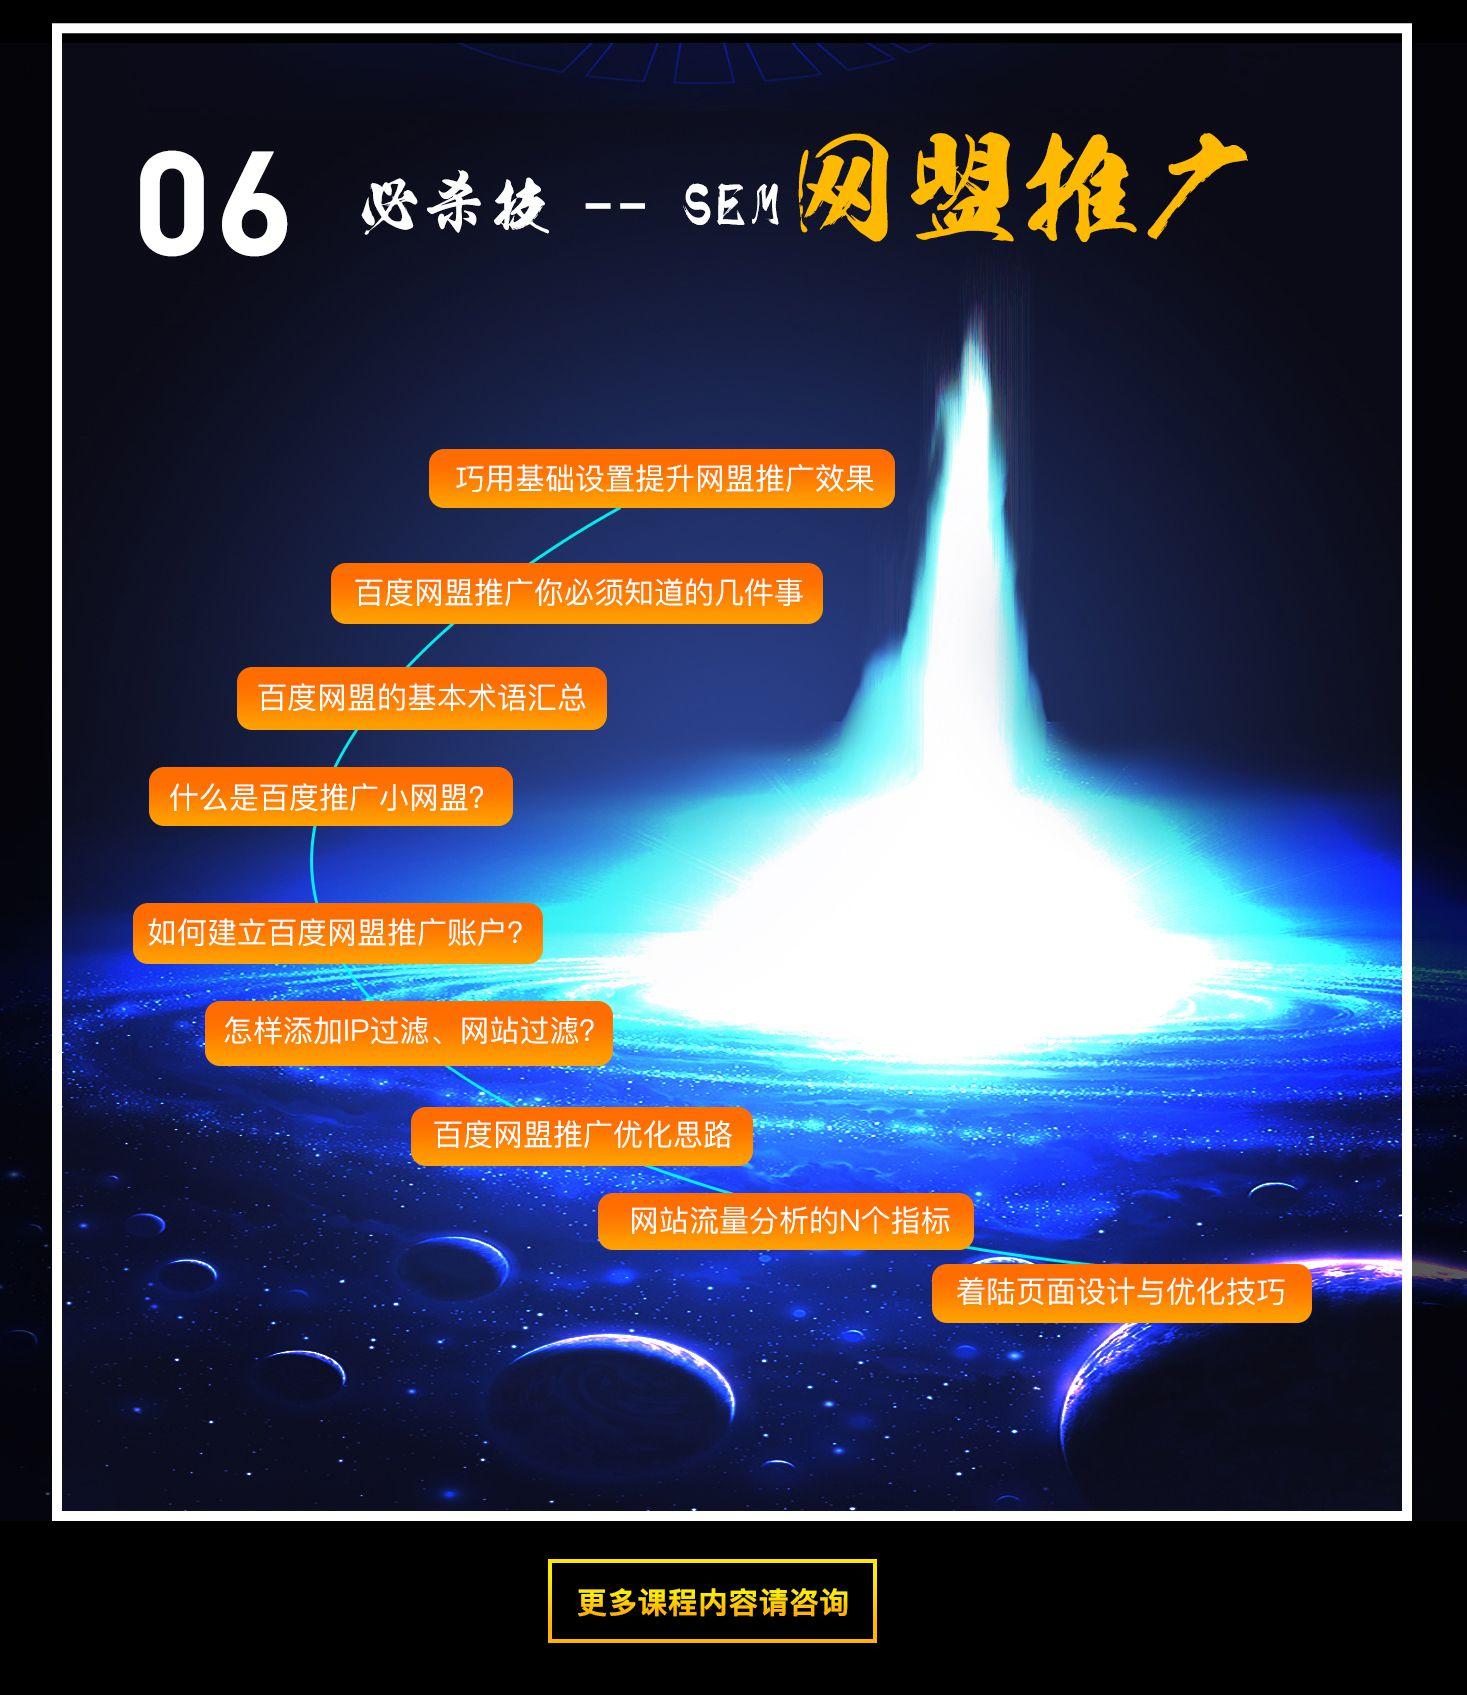 上海SEM竞价培训